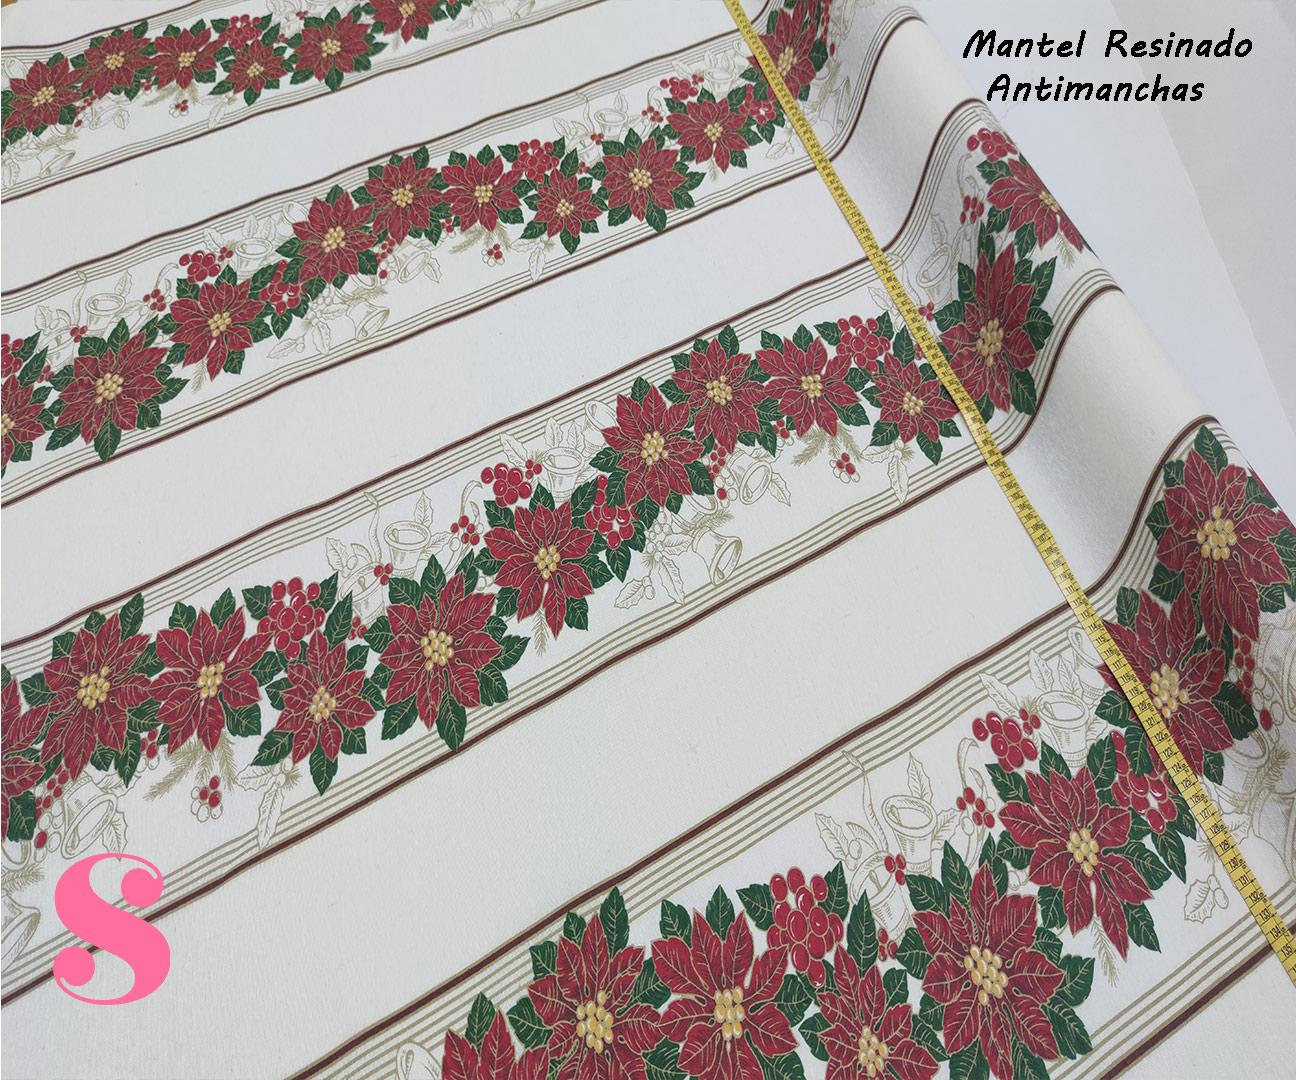 flor-navidad-campanas-mantel-resinado-antimanchas-navidad-algodon,Mantel Resinado Antimanchas Navidad fondo Blanco